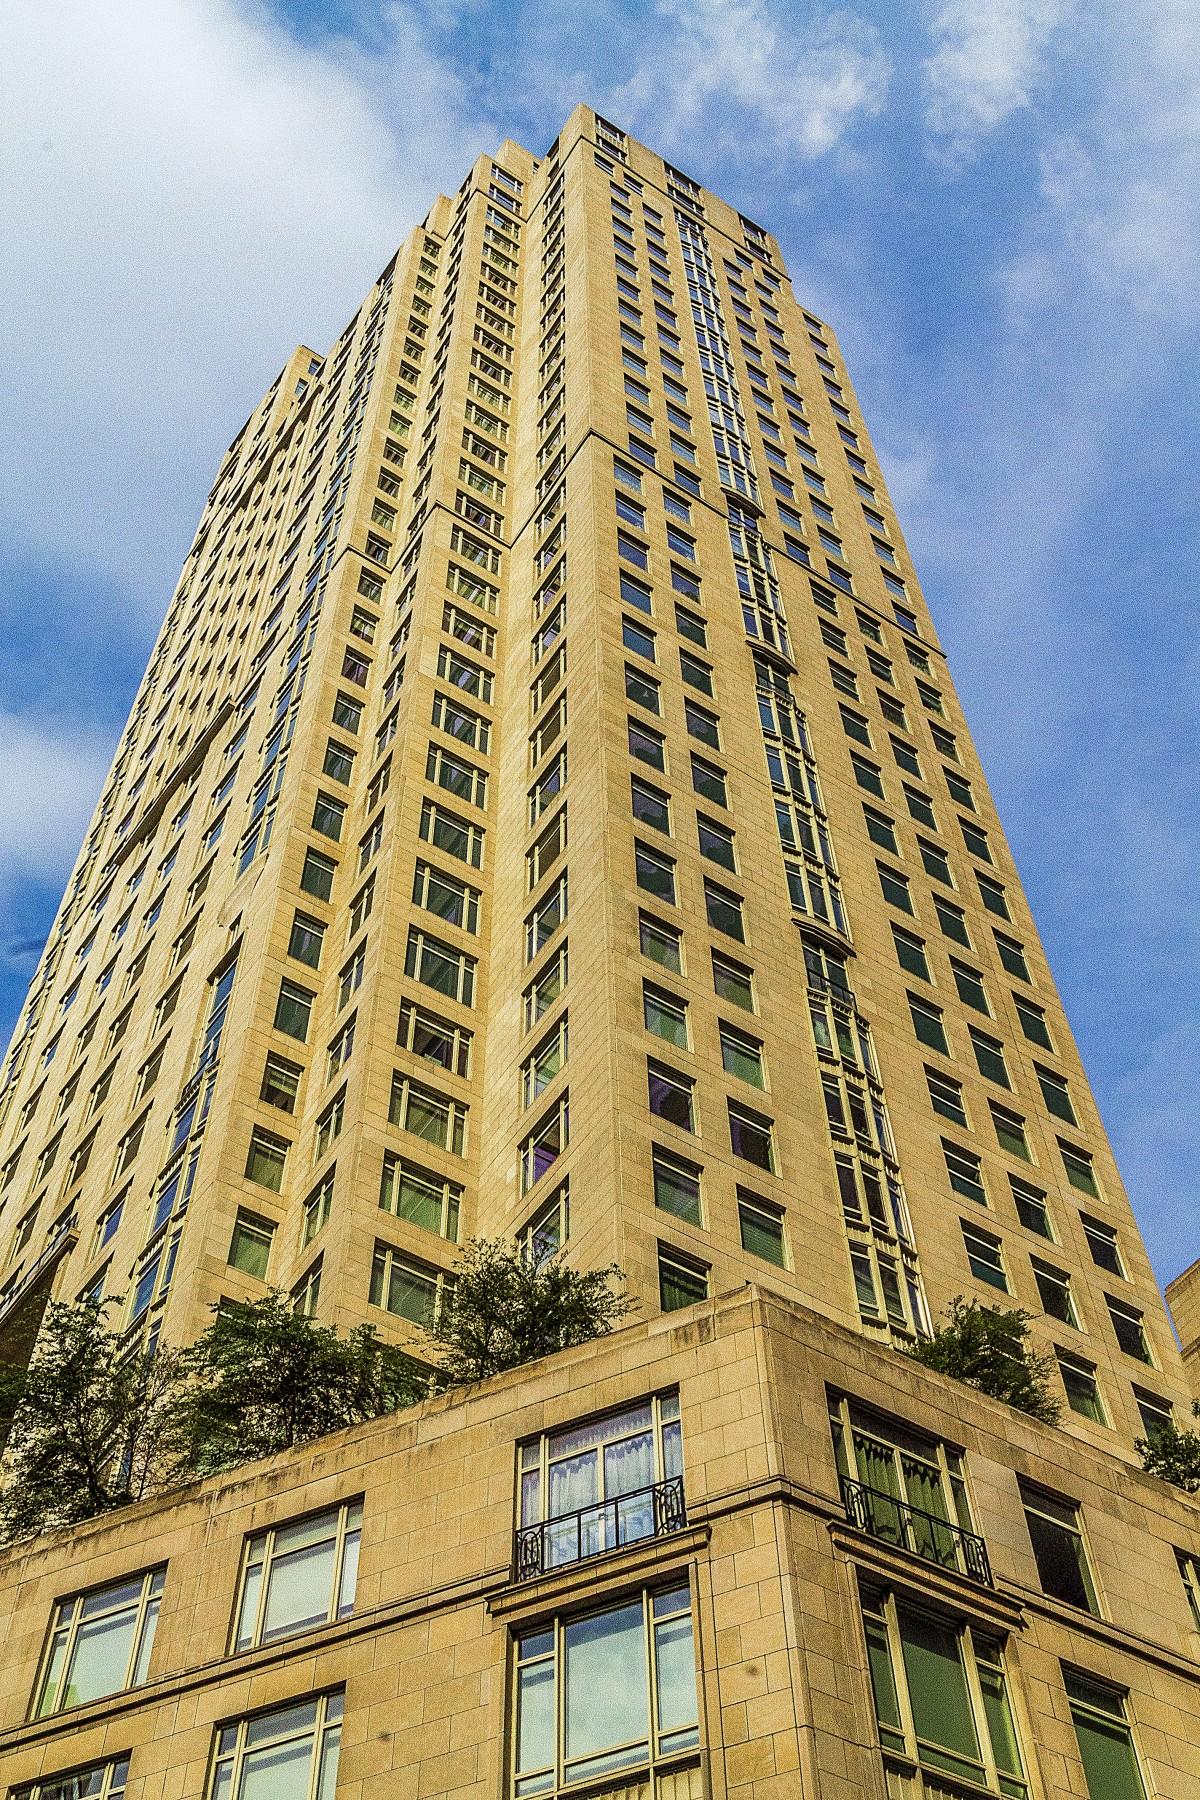 Images gratuites architecture fen tre gratte ciel for Building sans fenetre new york